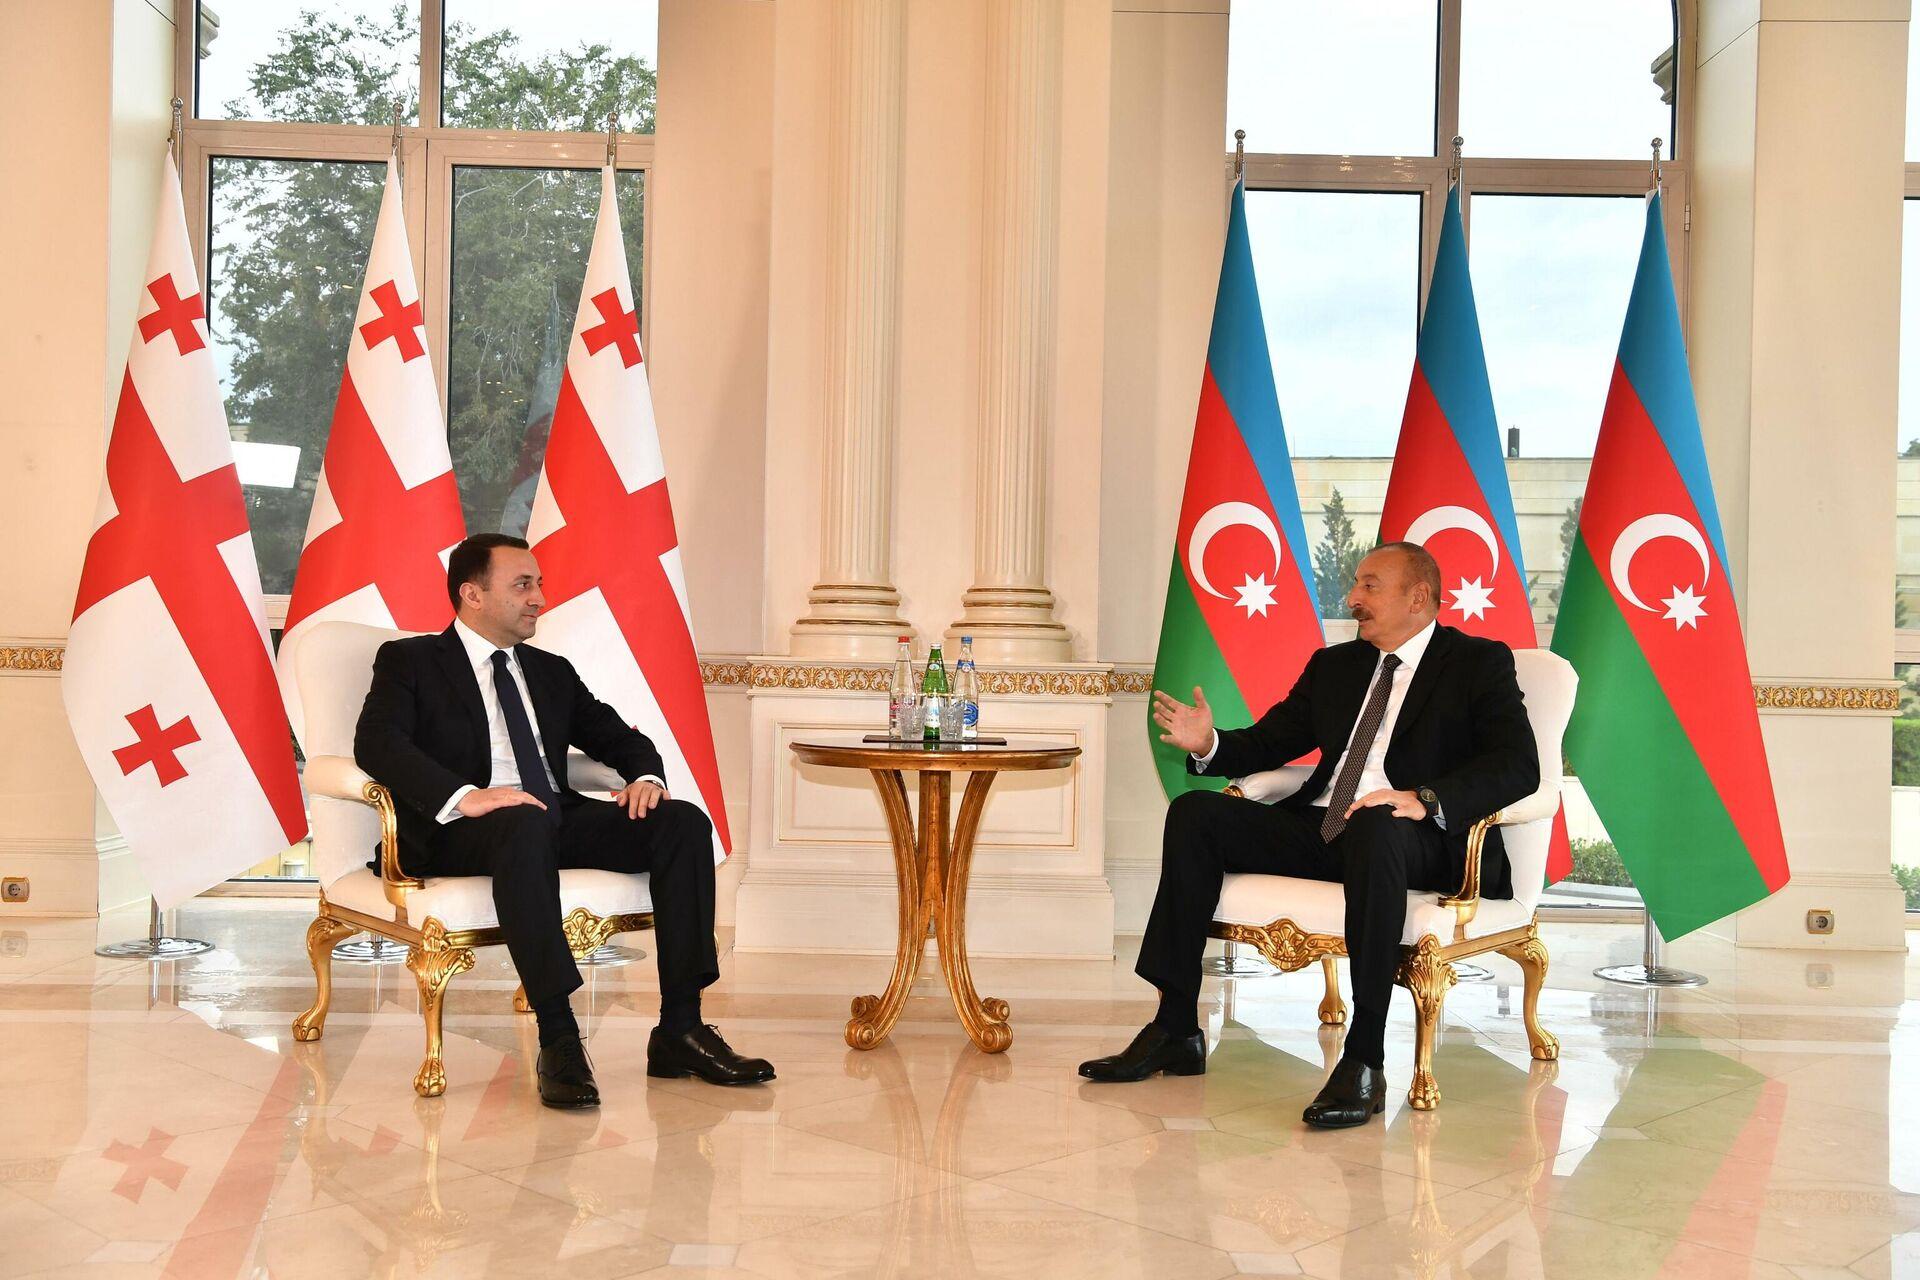 Встреча между Президентом Азербайджана Ильхамом Алиевым с визитом премьер-министром Грузии Ираклием Гарибашвили - Sputnik Azərbaycan, 1920, 29.09.2021